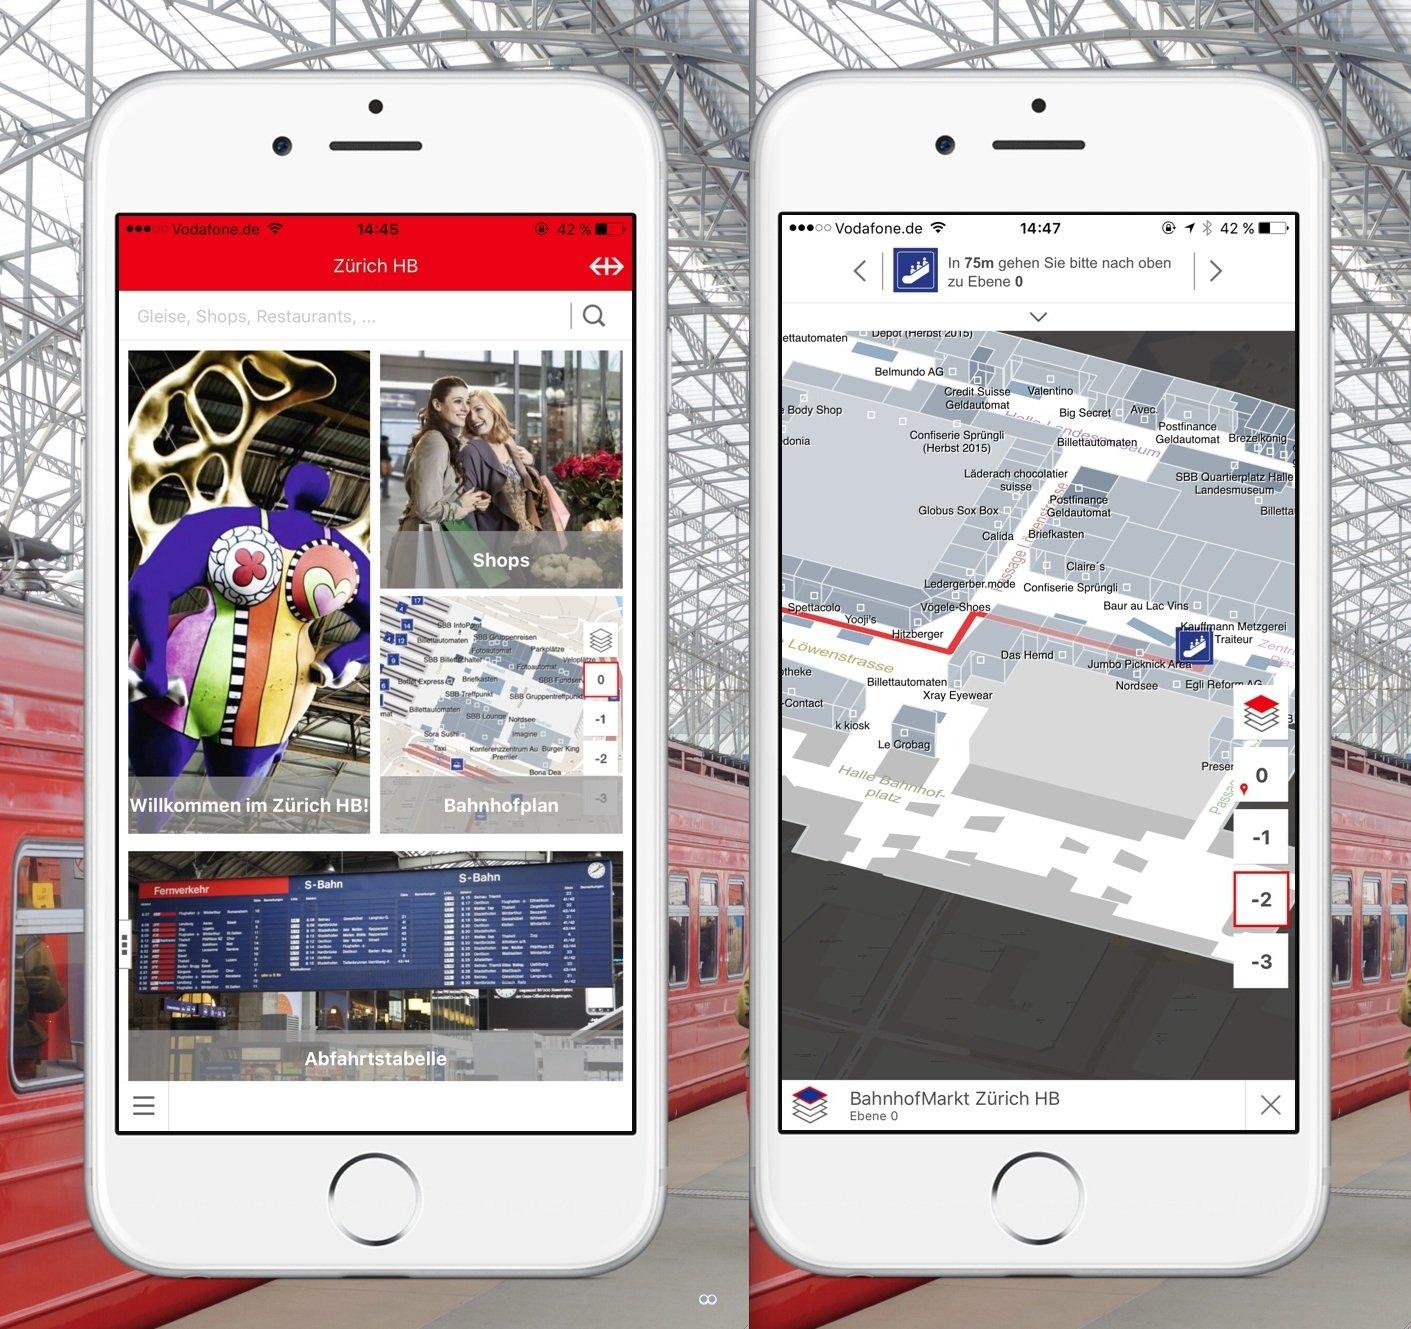 Fahrgäste können sich im Züricher Hauptbahnhof mit einer App des deutschen Software-Unternehmen infsoft orientieren.